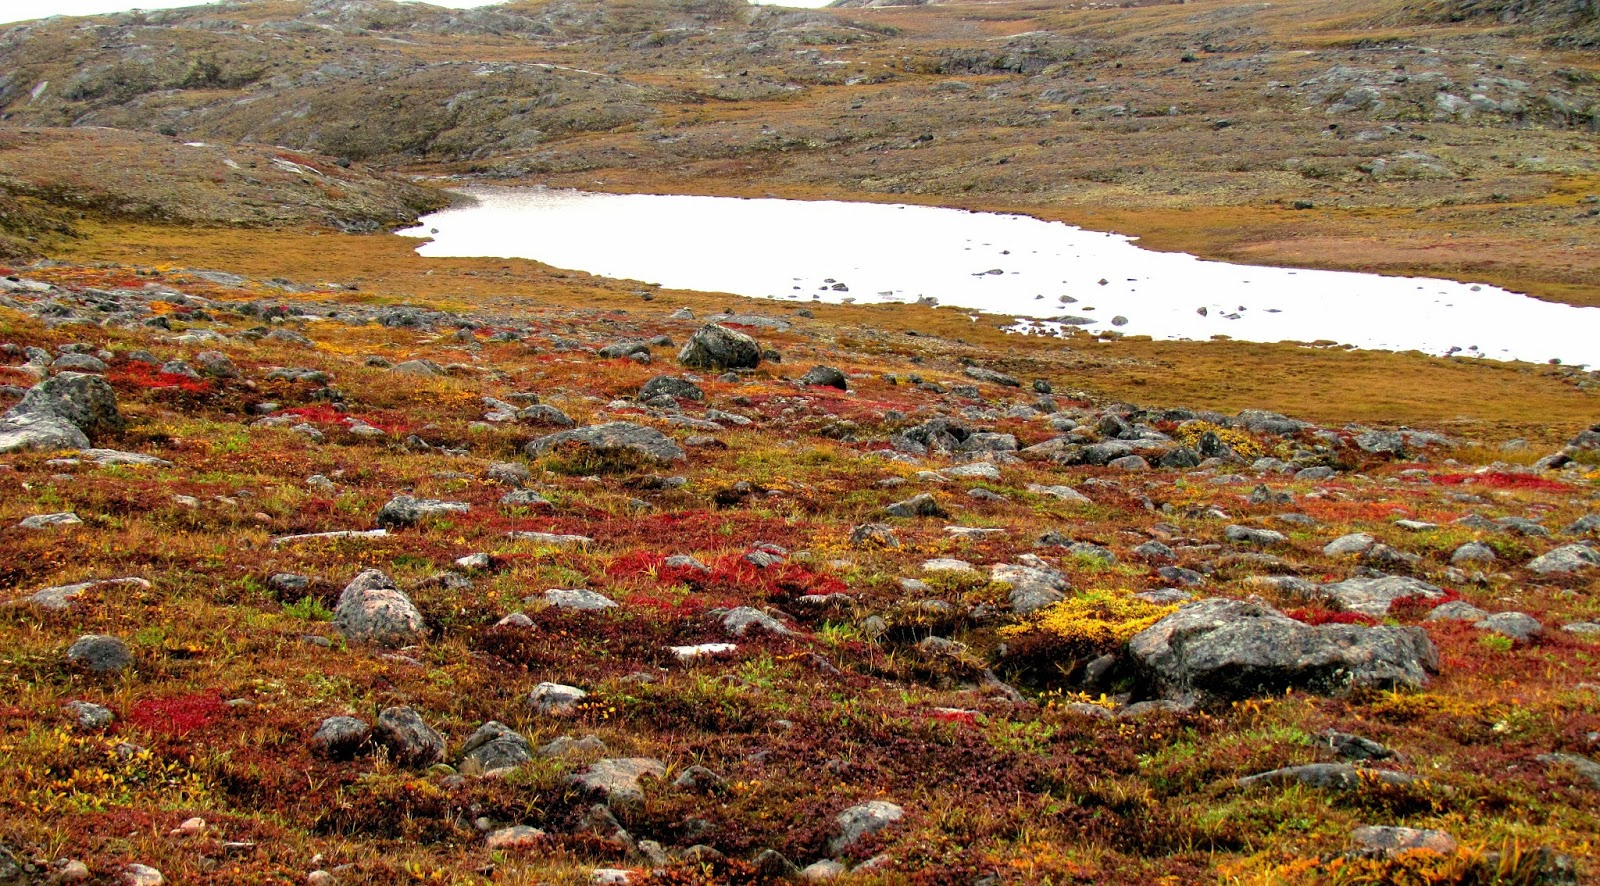 #Tundra, Vegetação Típica das Regiões Polares